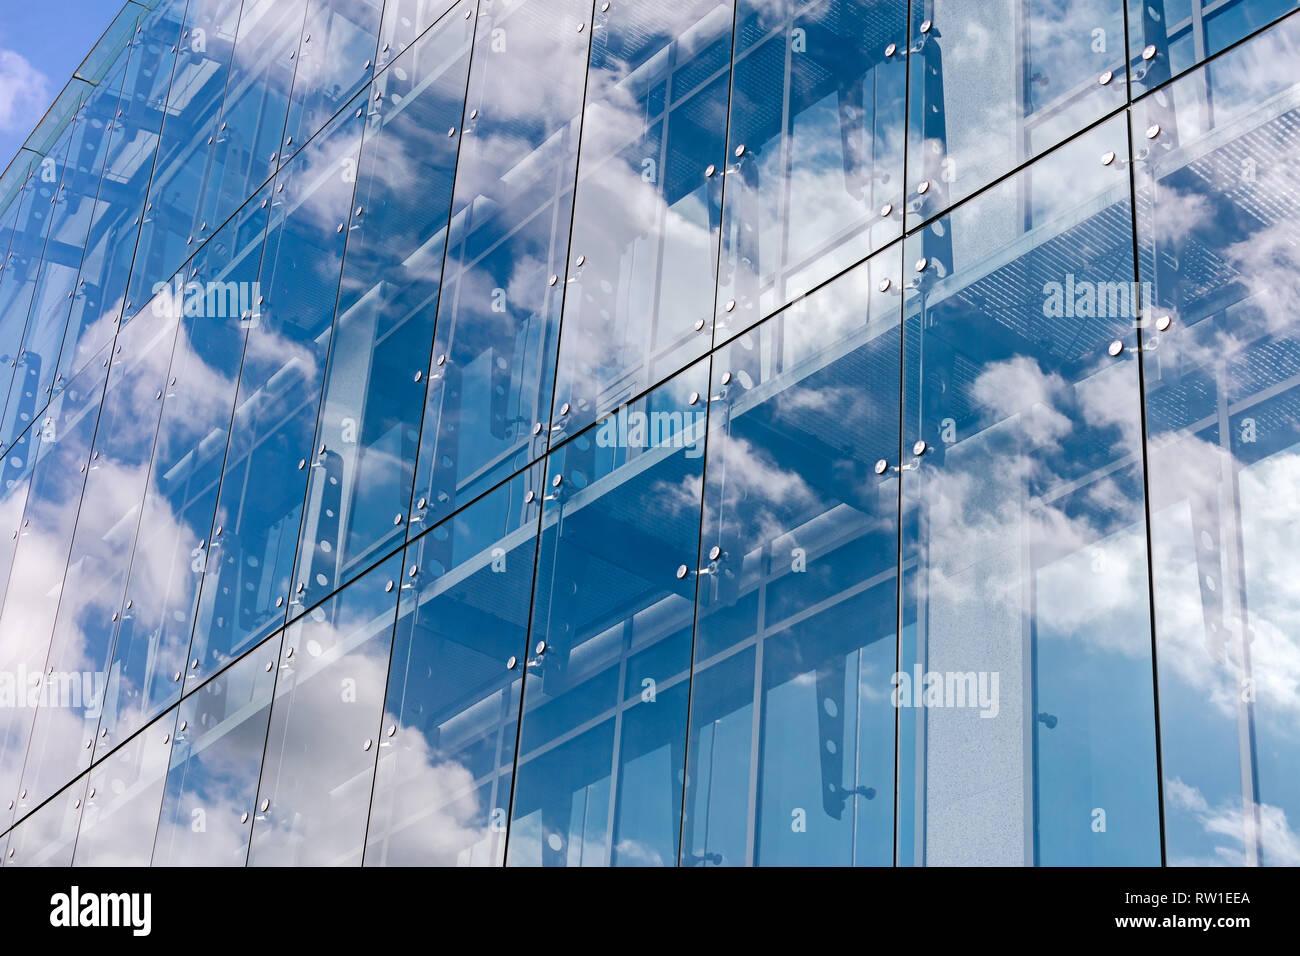 Nuvole riflettono sulla facciata in vetro e la parete di un ufficio moderno edificio. esterno del grattacielo in stile contemporaneo Foto Stock